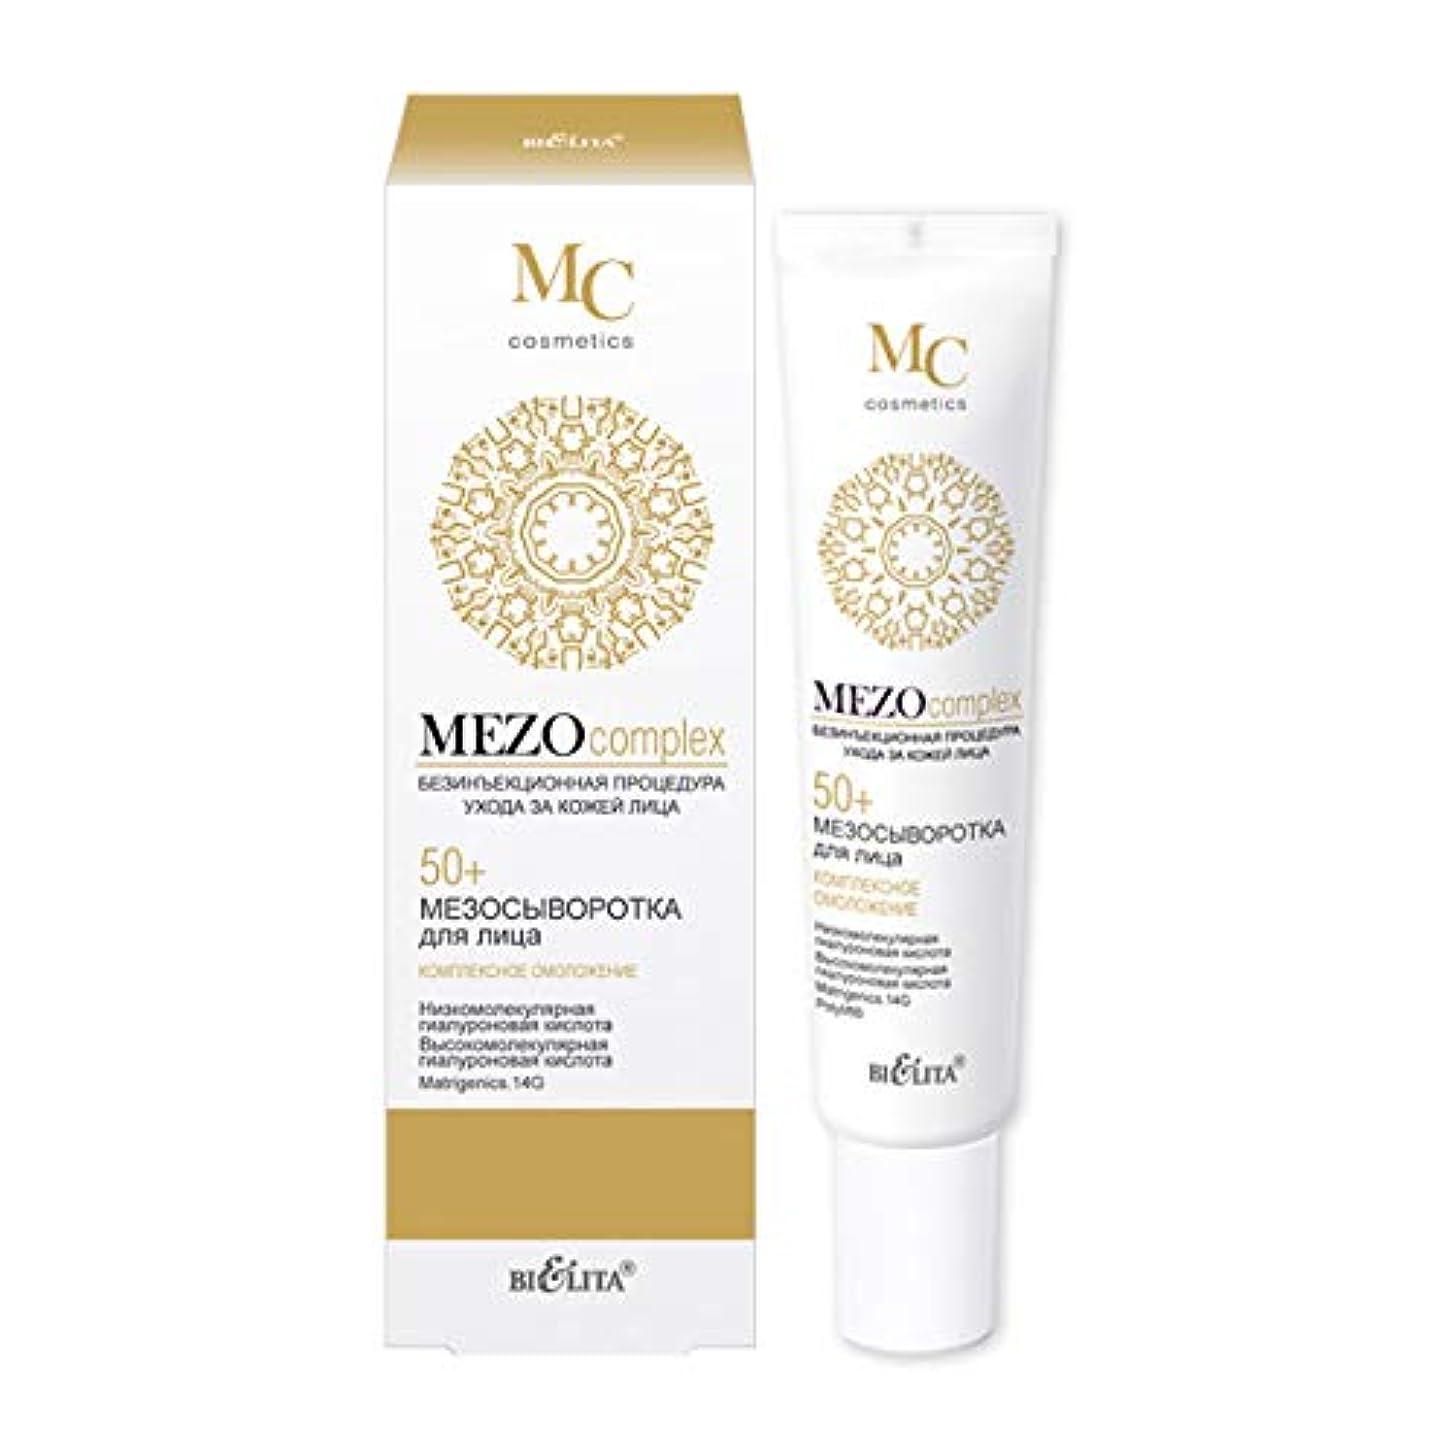 流星回転させるおじさんMezo complex | Mezo Serum Complex 50+ | Non-injection facial skin care procedure | Hyaluronic acid | Matrigenics...